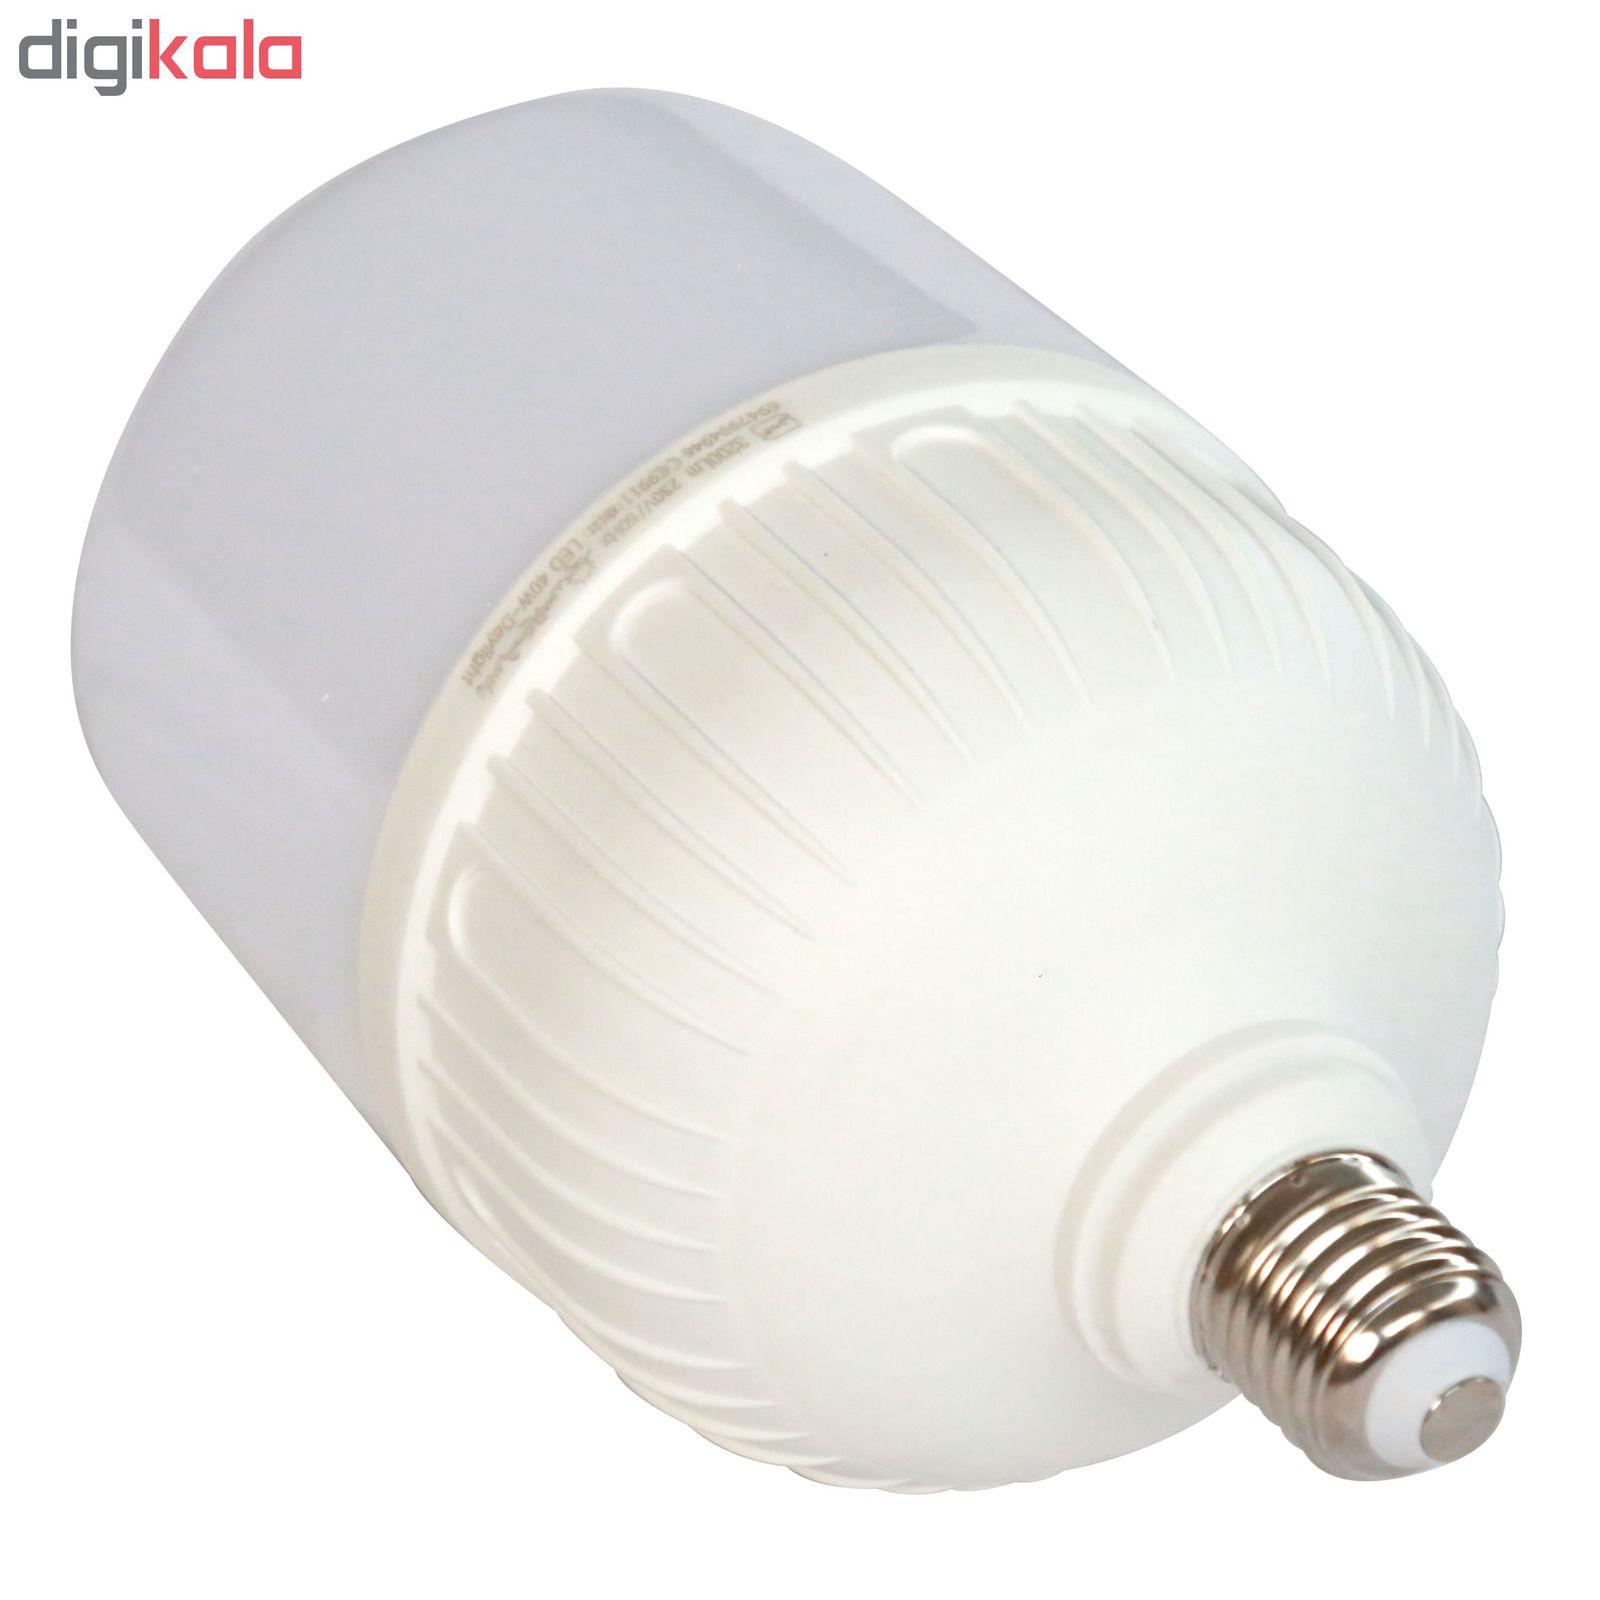 لامپ ال ای دی 40 وات پارس شعاع توس مدل CY40 پایه E27 main 1 2